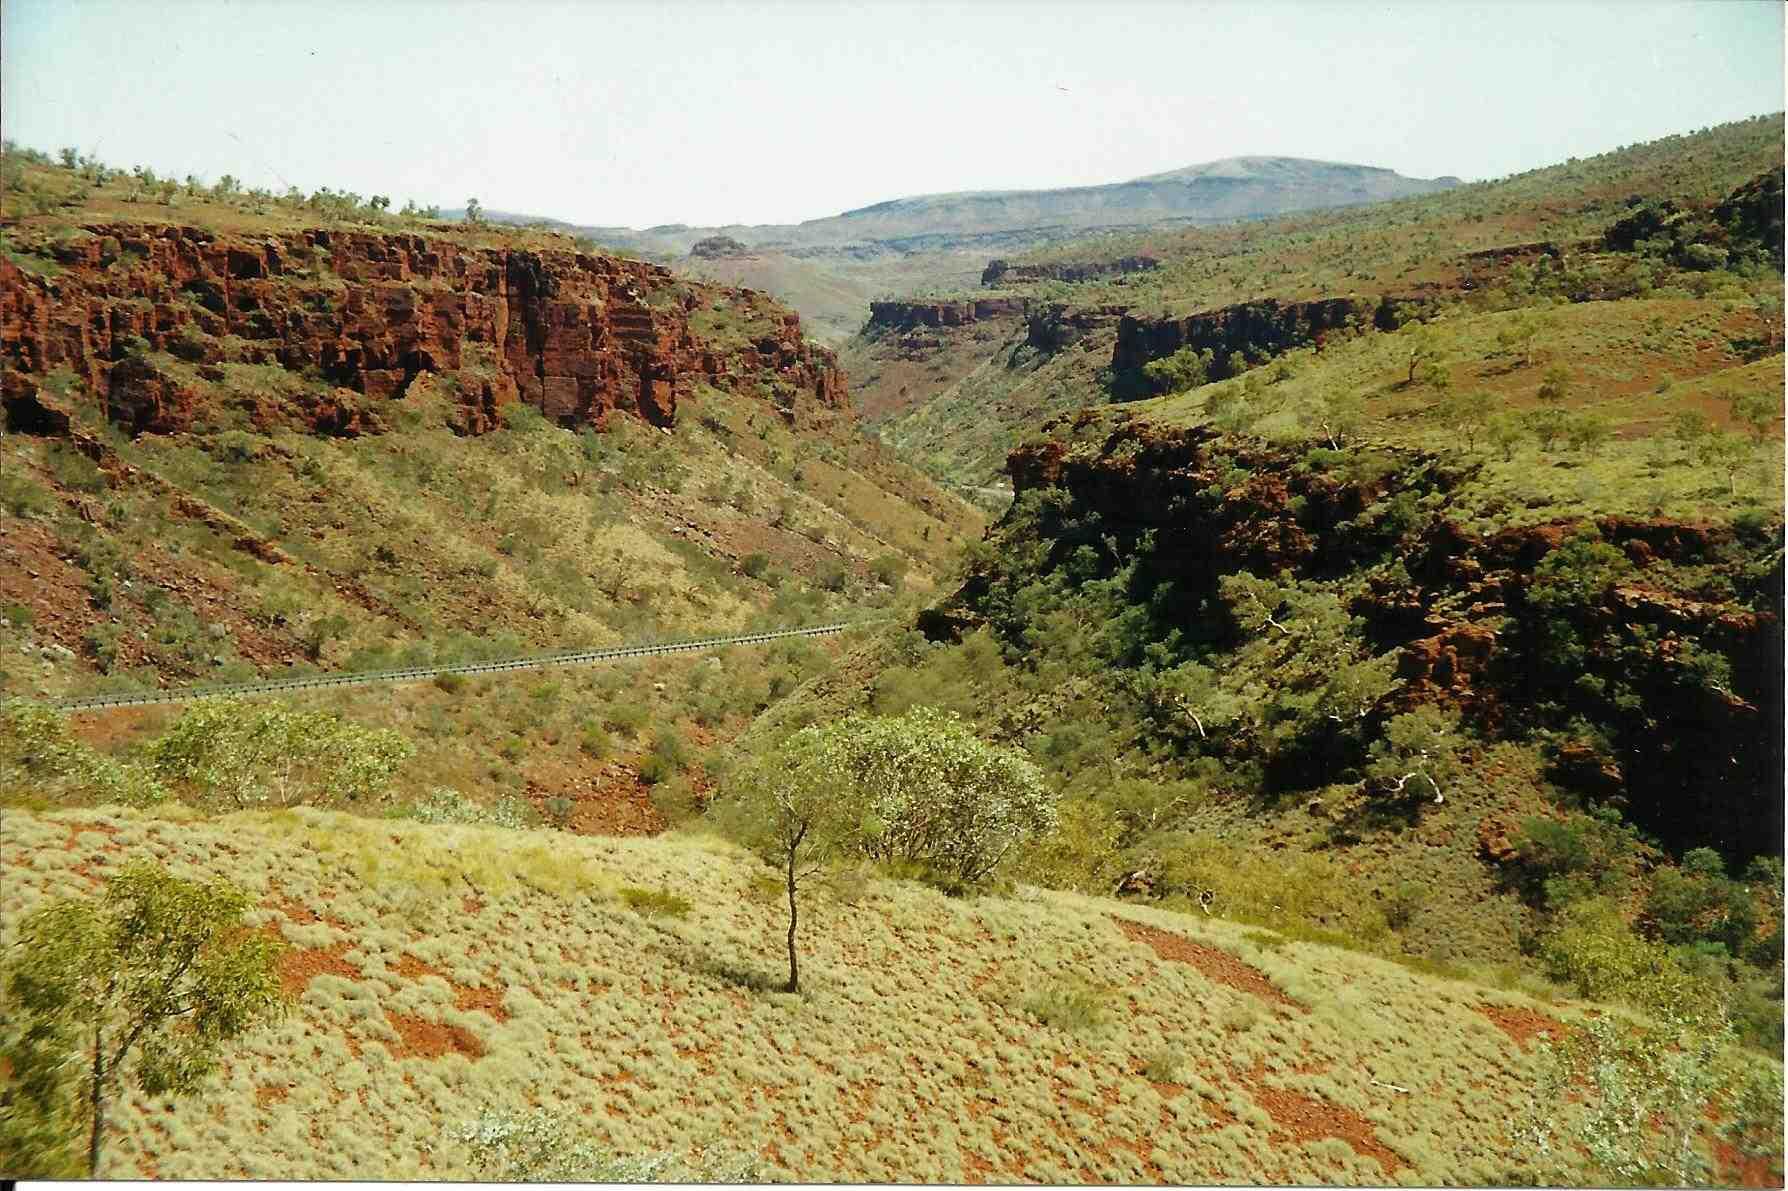 Munjina East Gorge